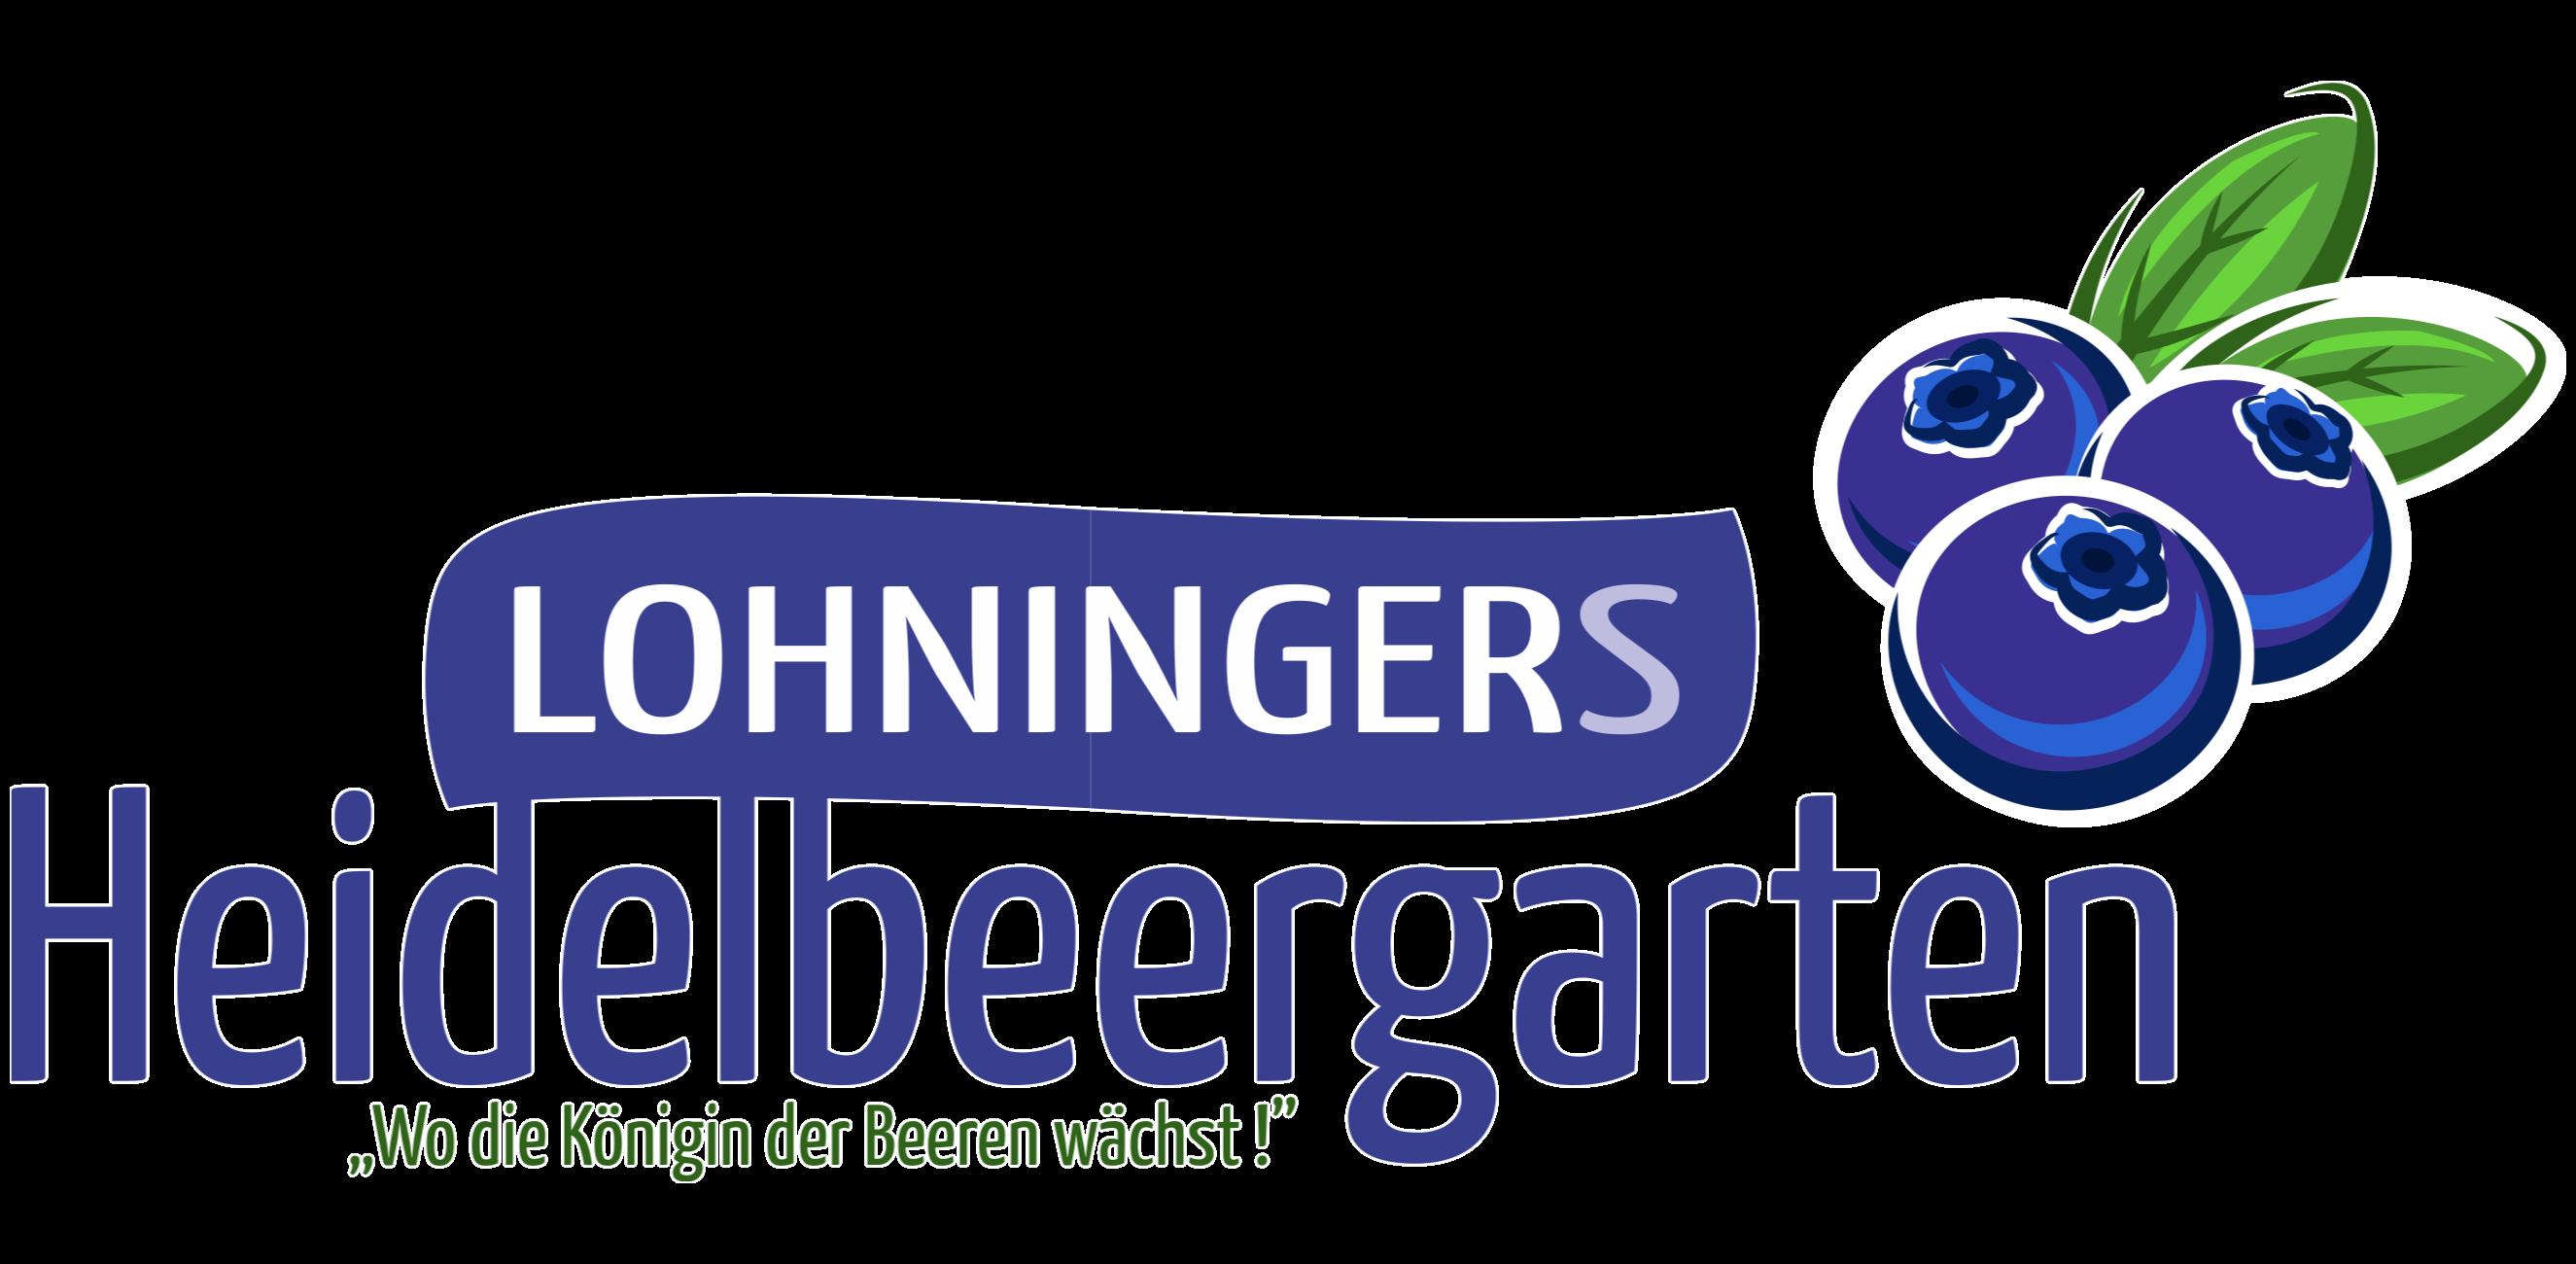 Lohningers Heidelbeergarten